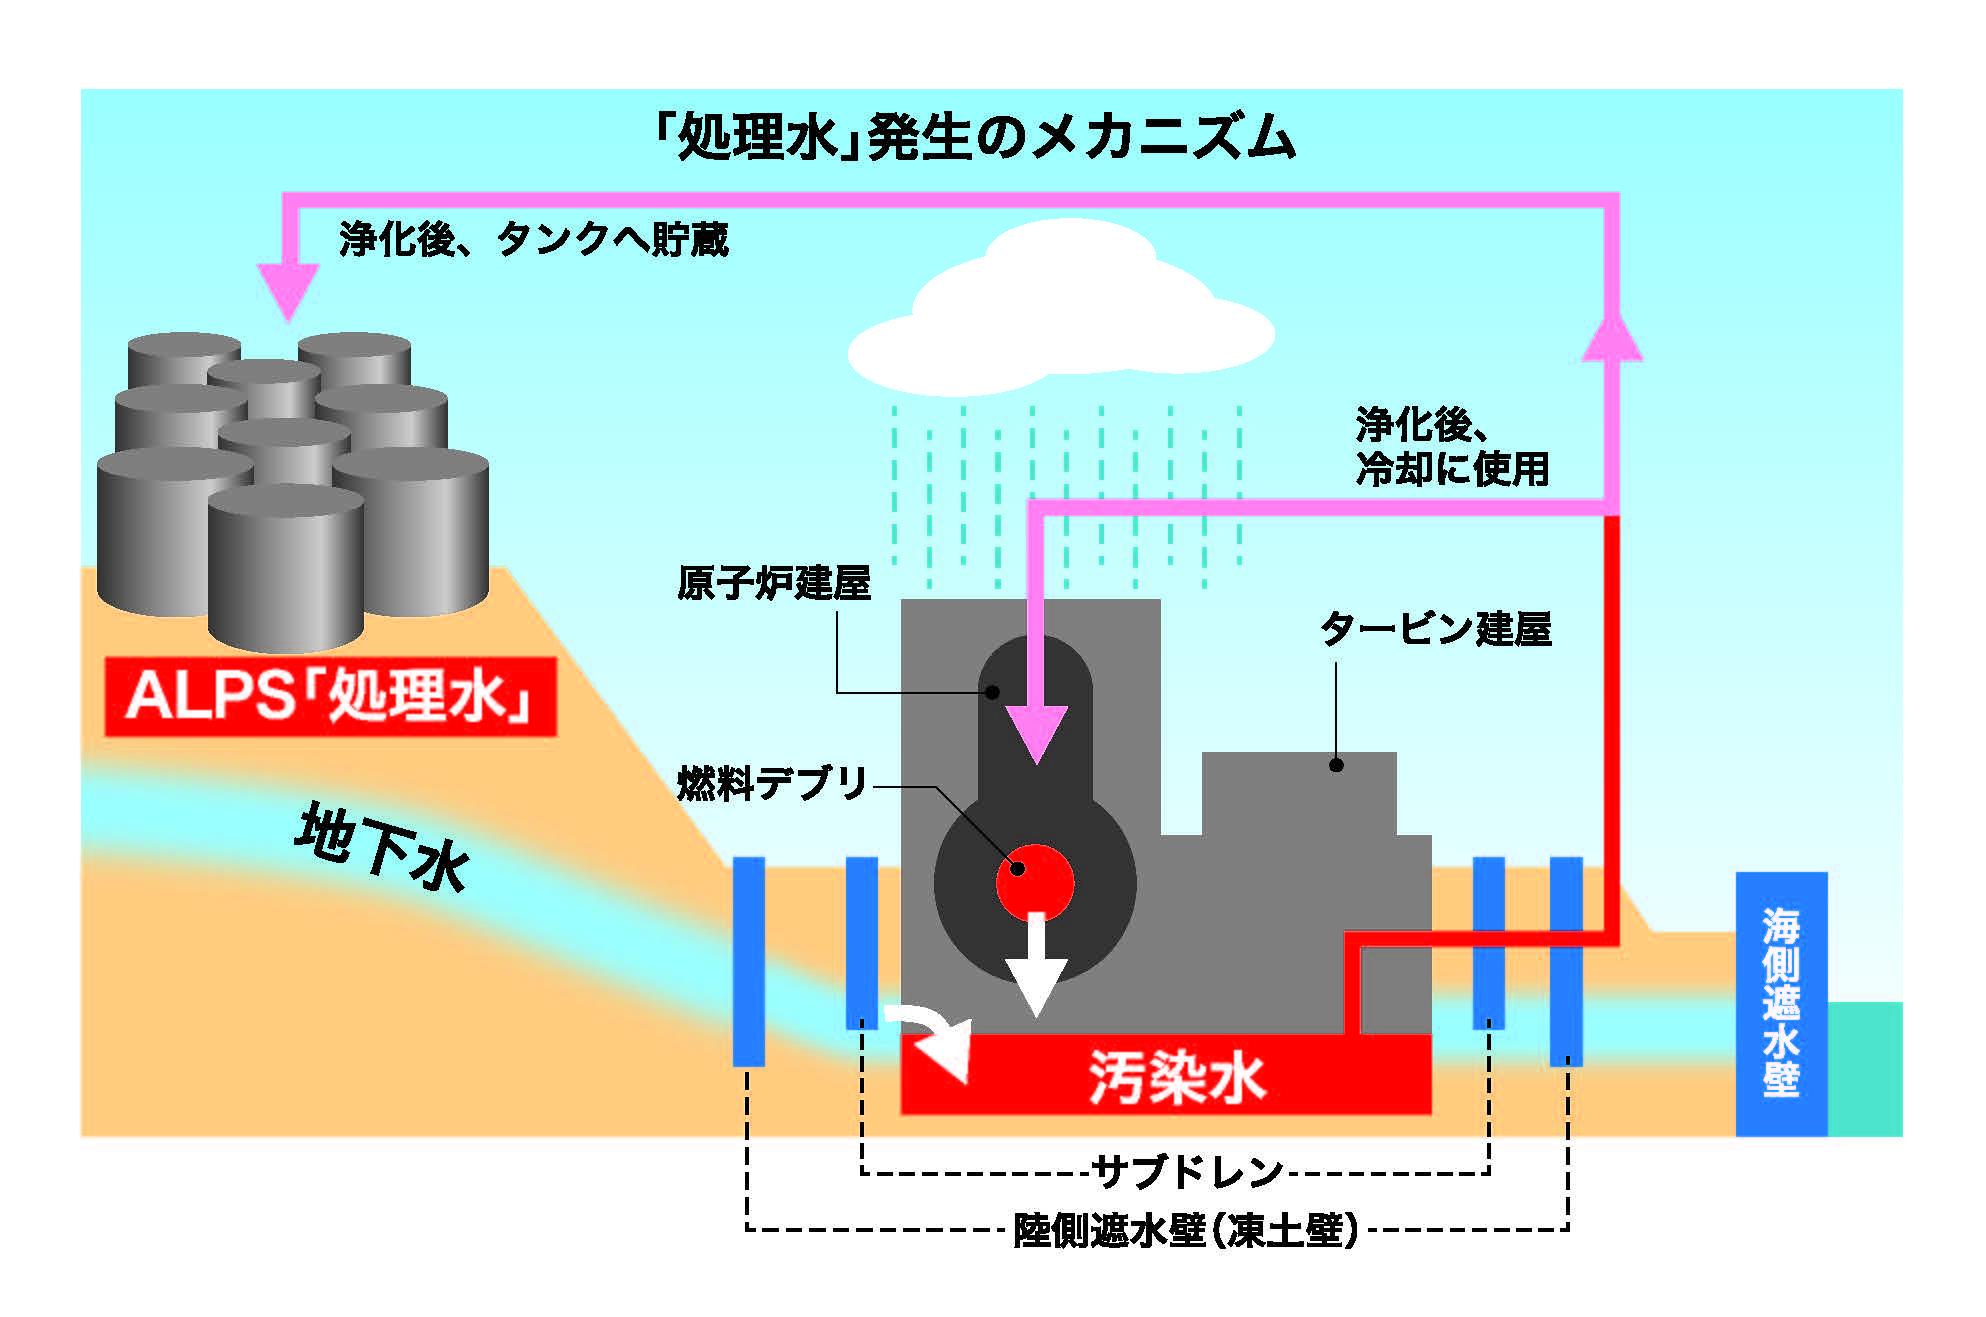 ALPS処理汚染水、大気・海洋放出で本当にいいの? パブコメを出そう!(〆切7月31日)|FoE Japan